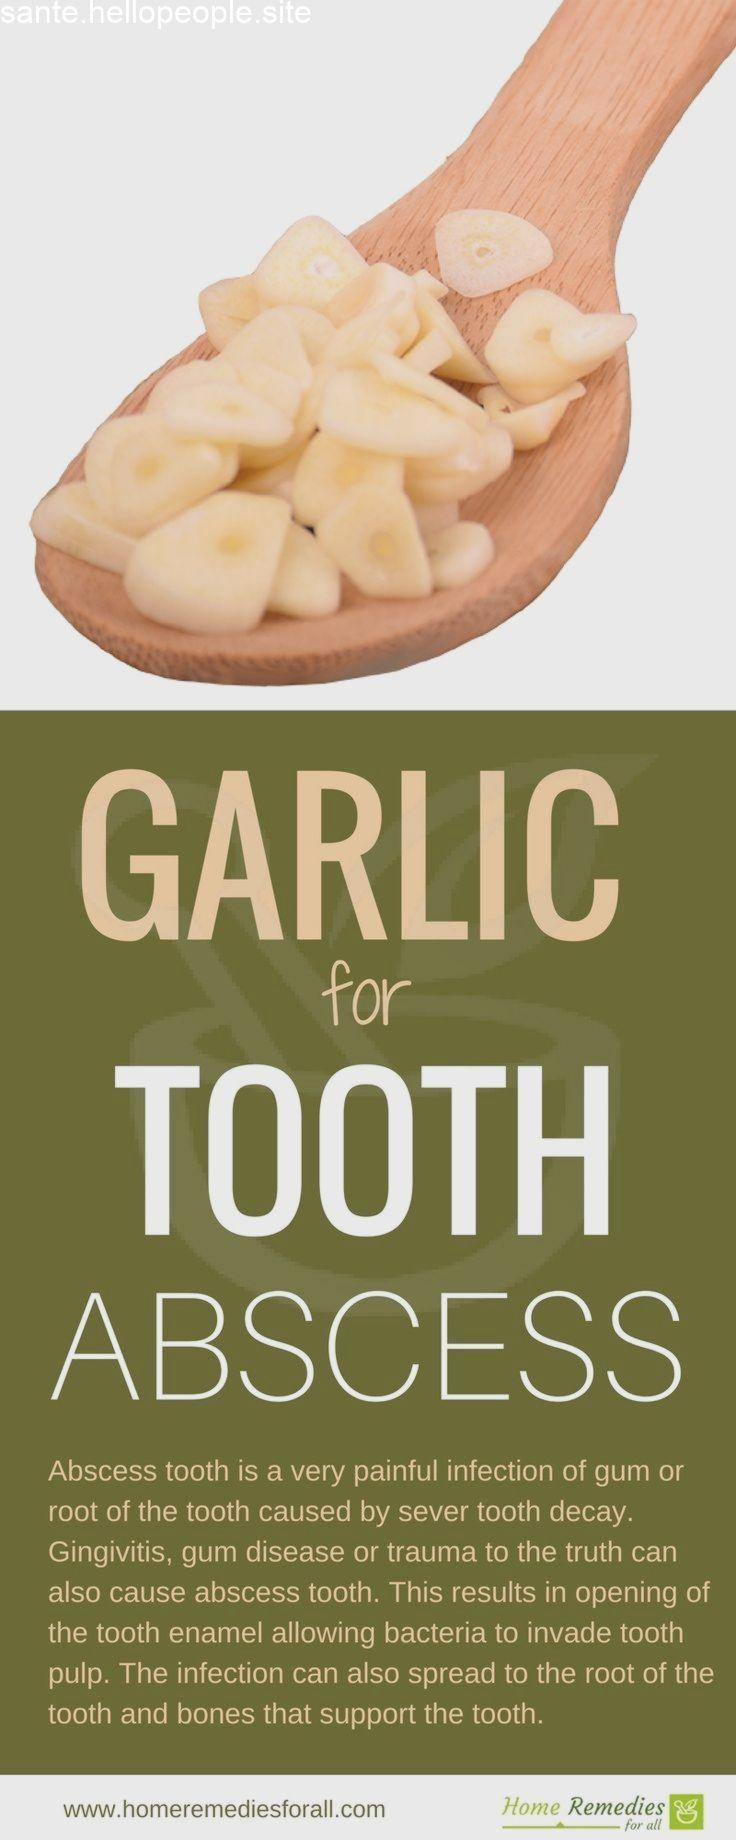 Cavités dentaires désagréables dans la couronne